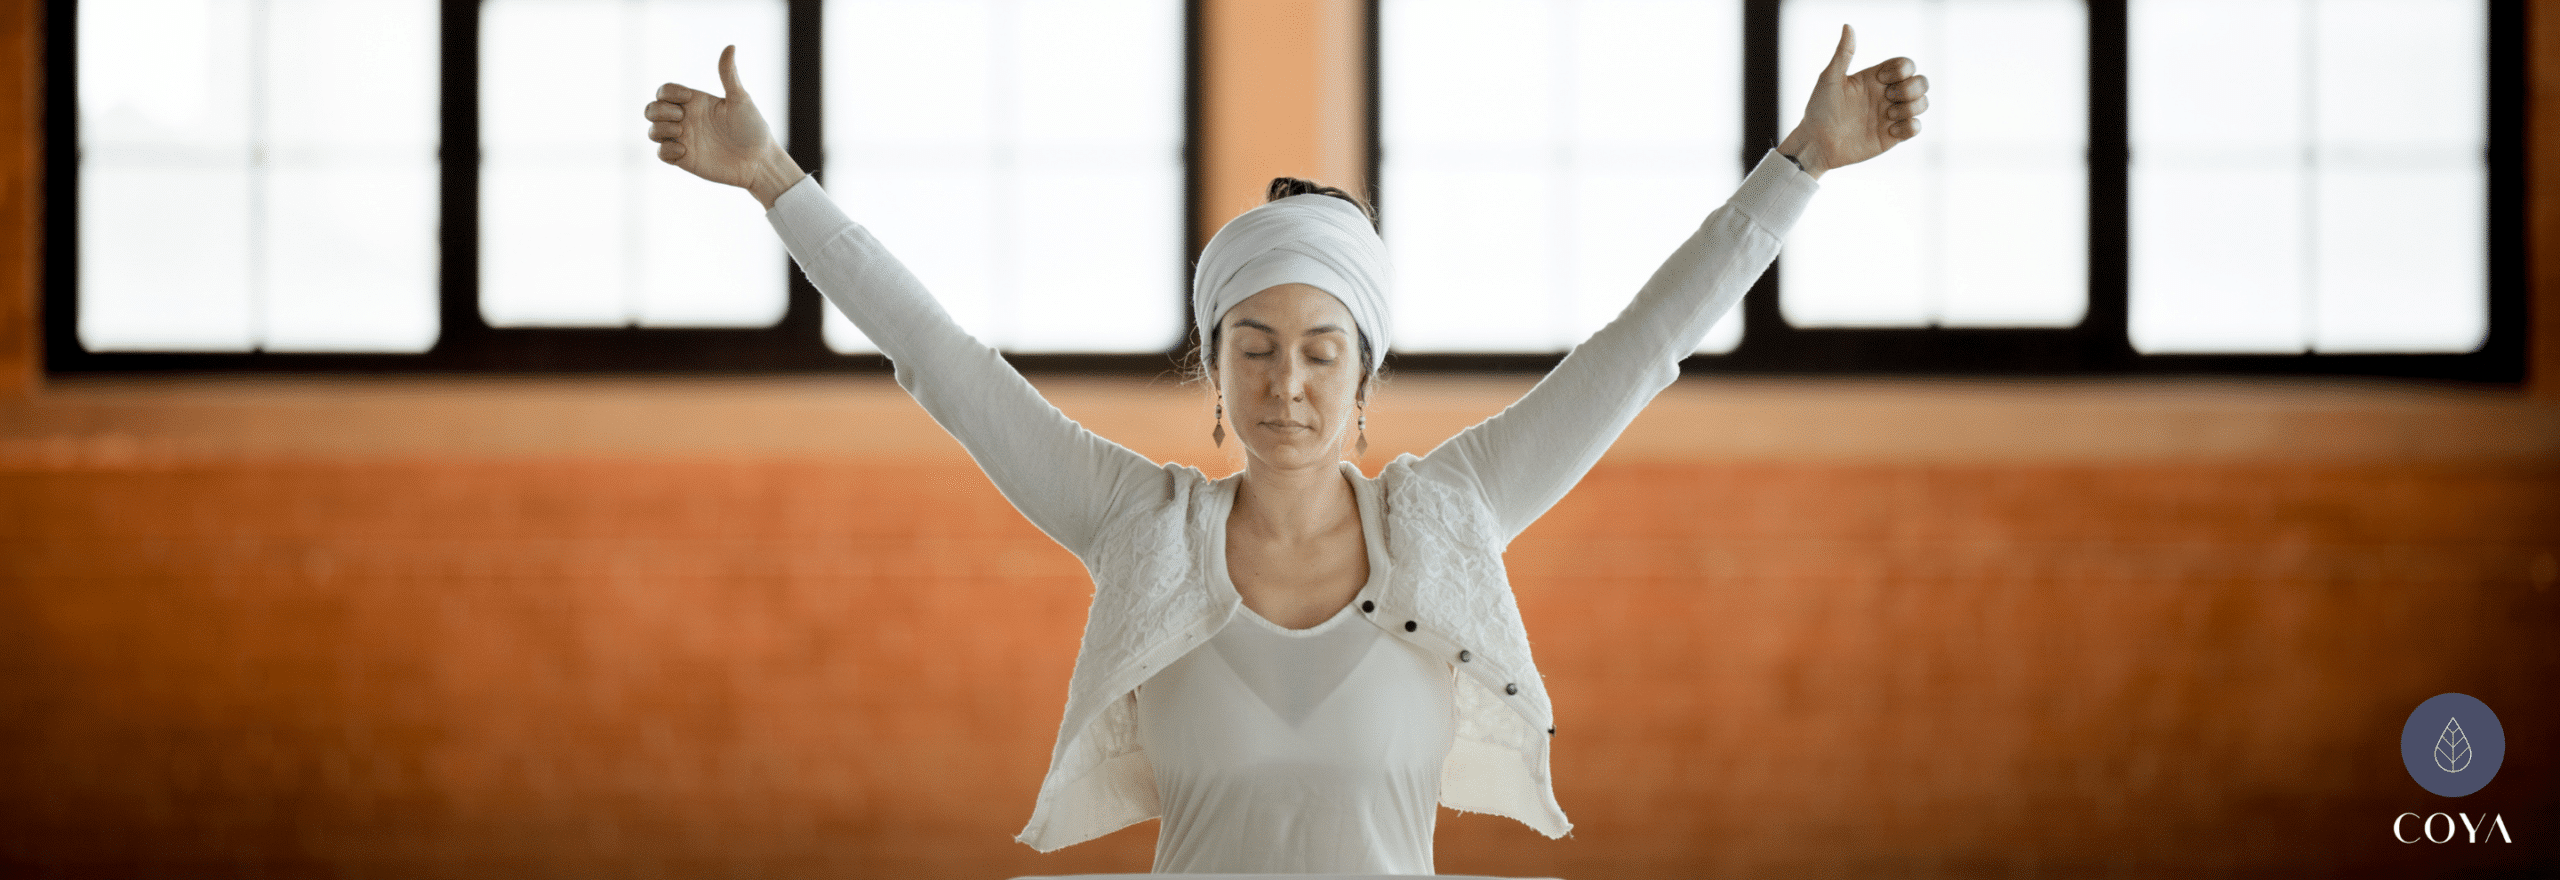 Μια γυναίκα με τα χέρια στον αέρα, για την kundalini yoga